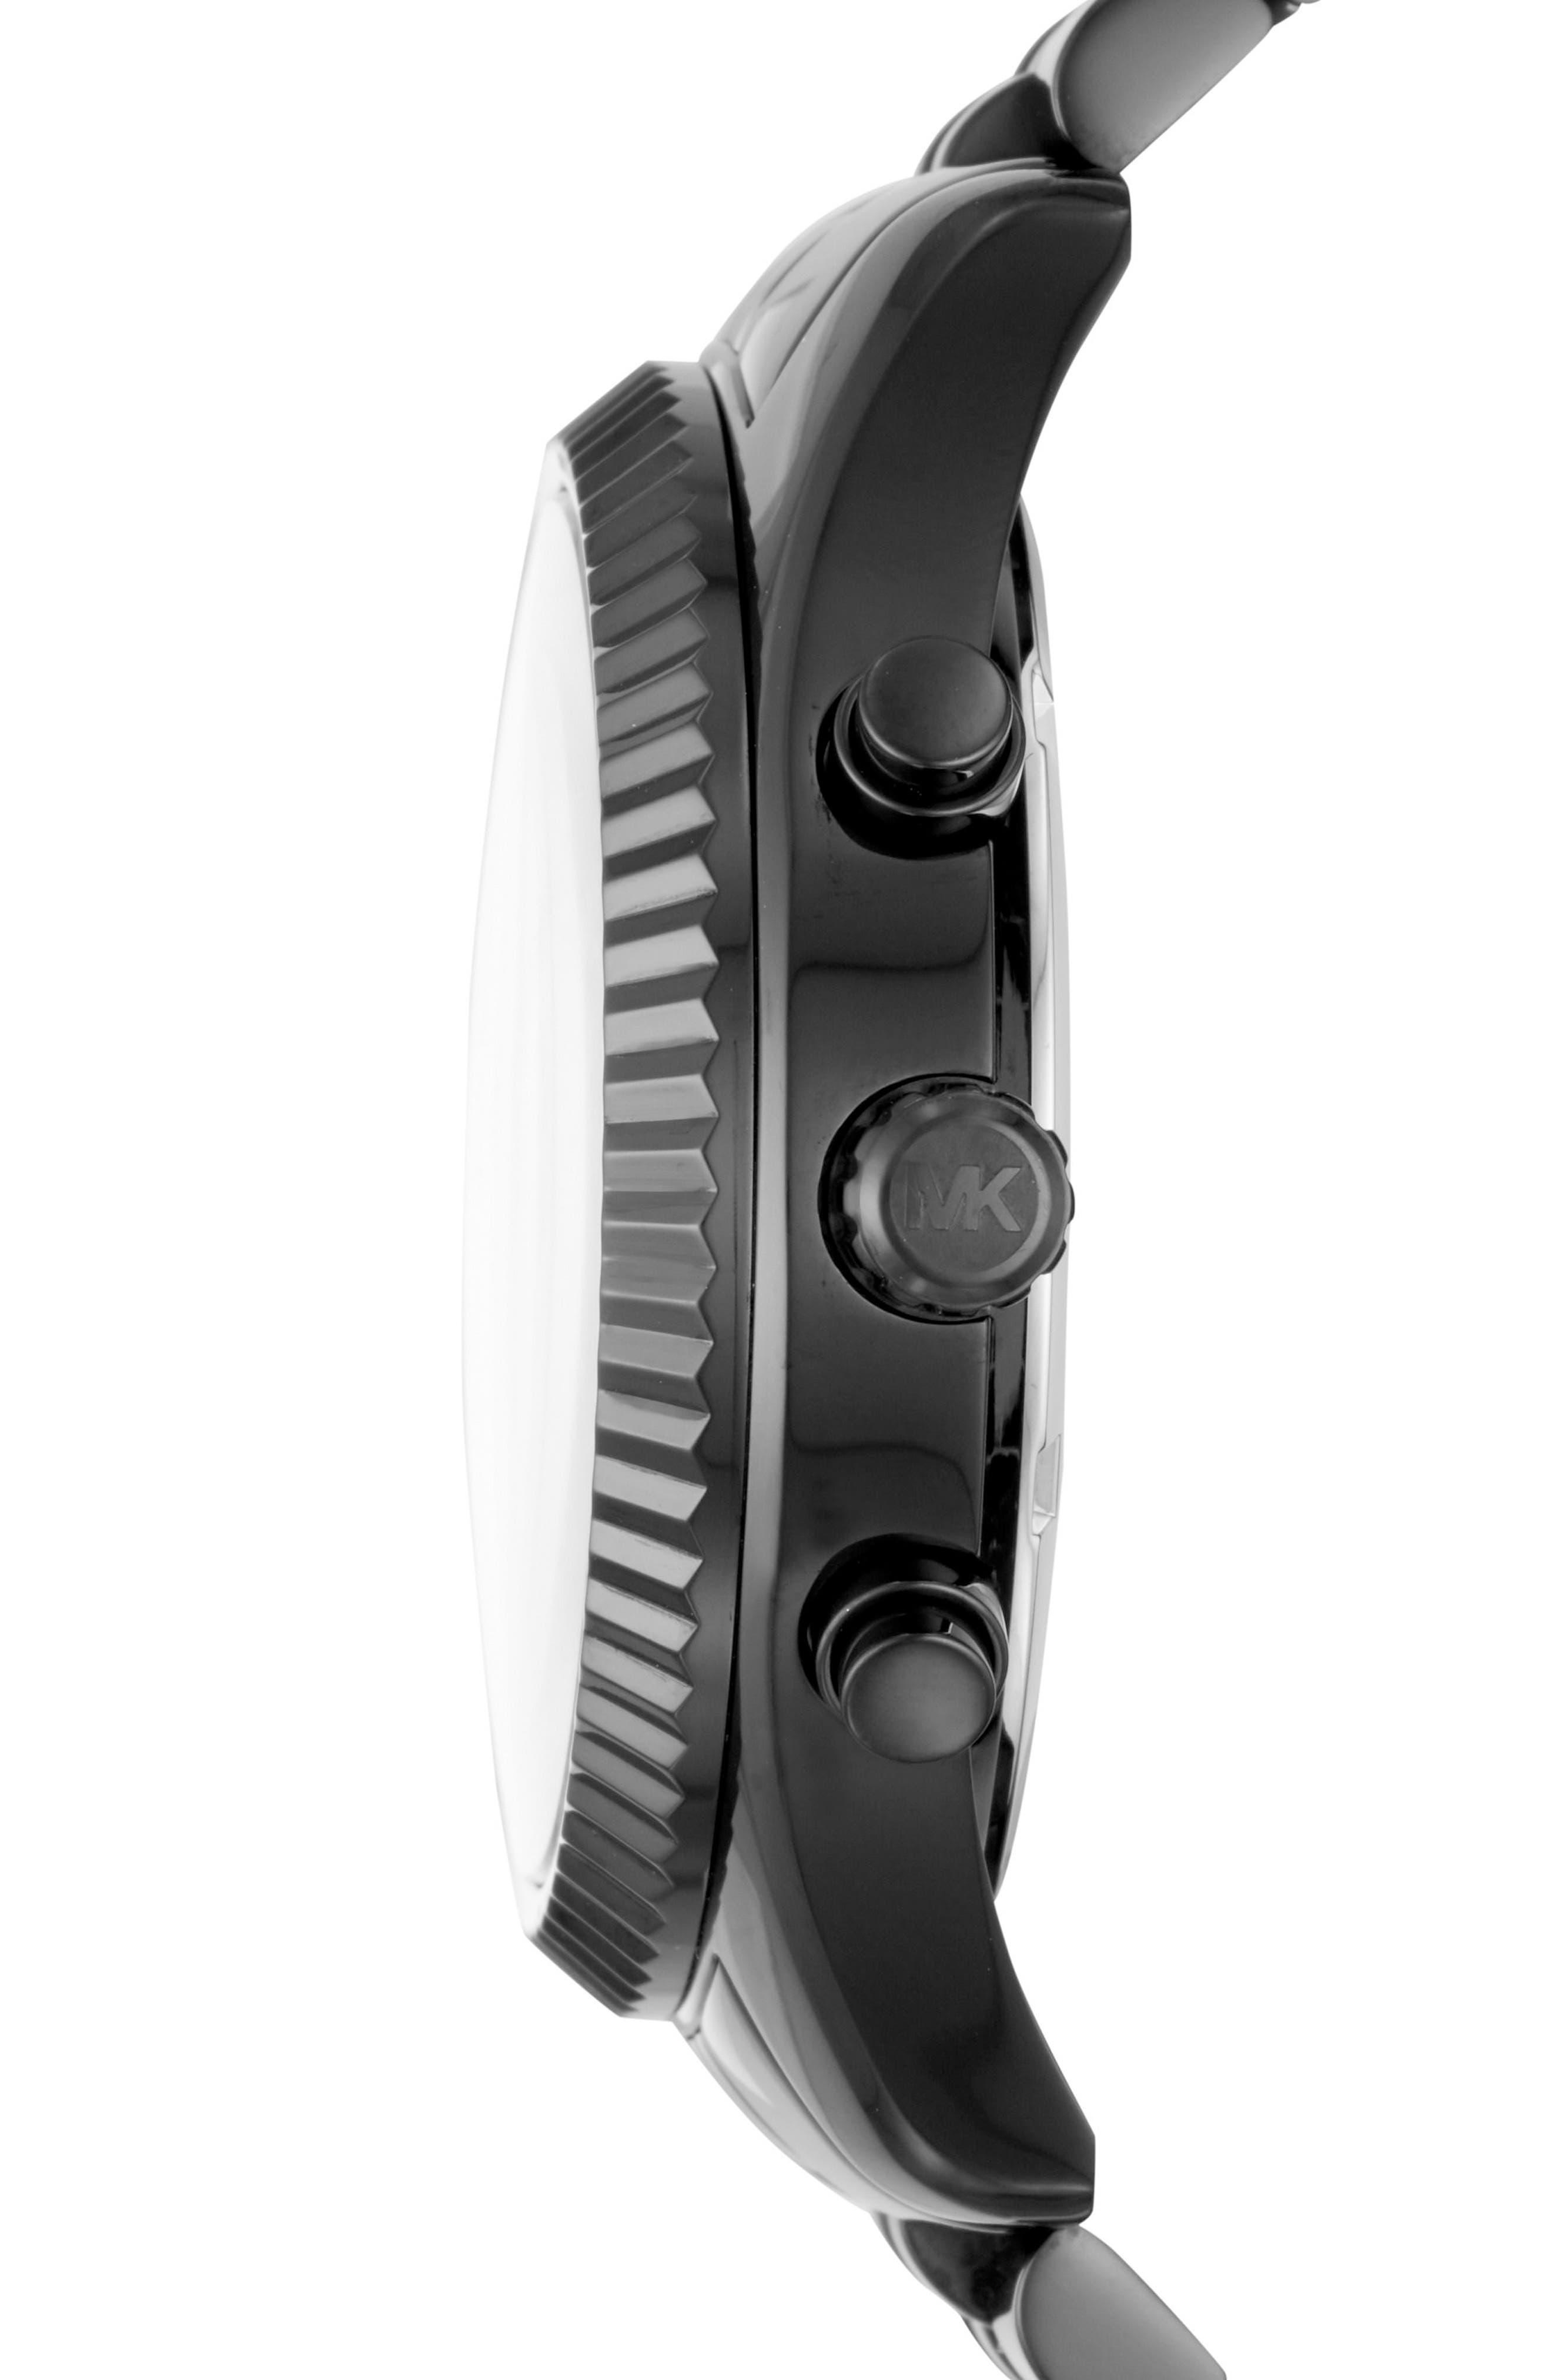 MICHAEL KORS, Lexington Pavé Chronograph Bracelet Watch, 45mm x 54mm, Alternate thumbnail 2, color, BLACK/ SILVER/ BLACK